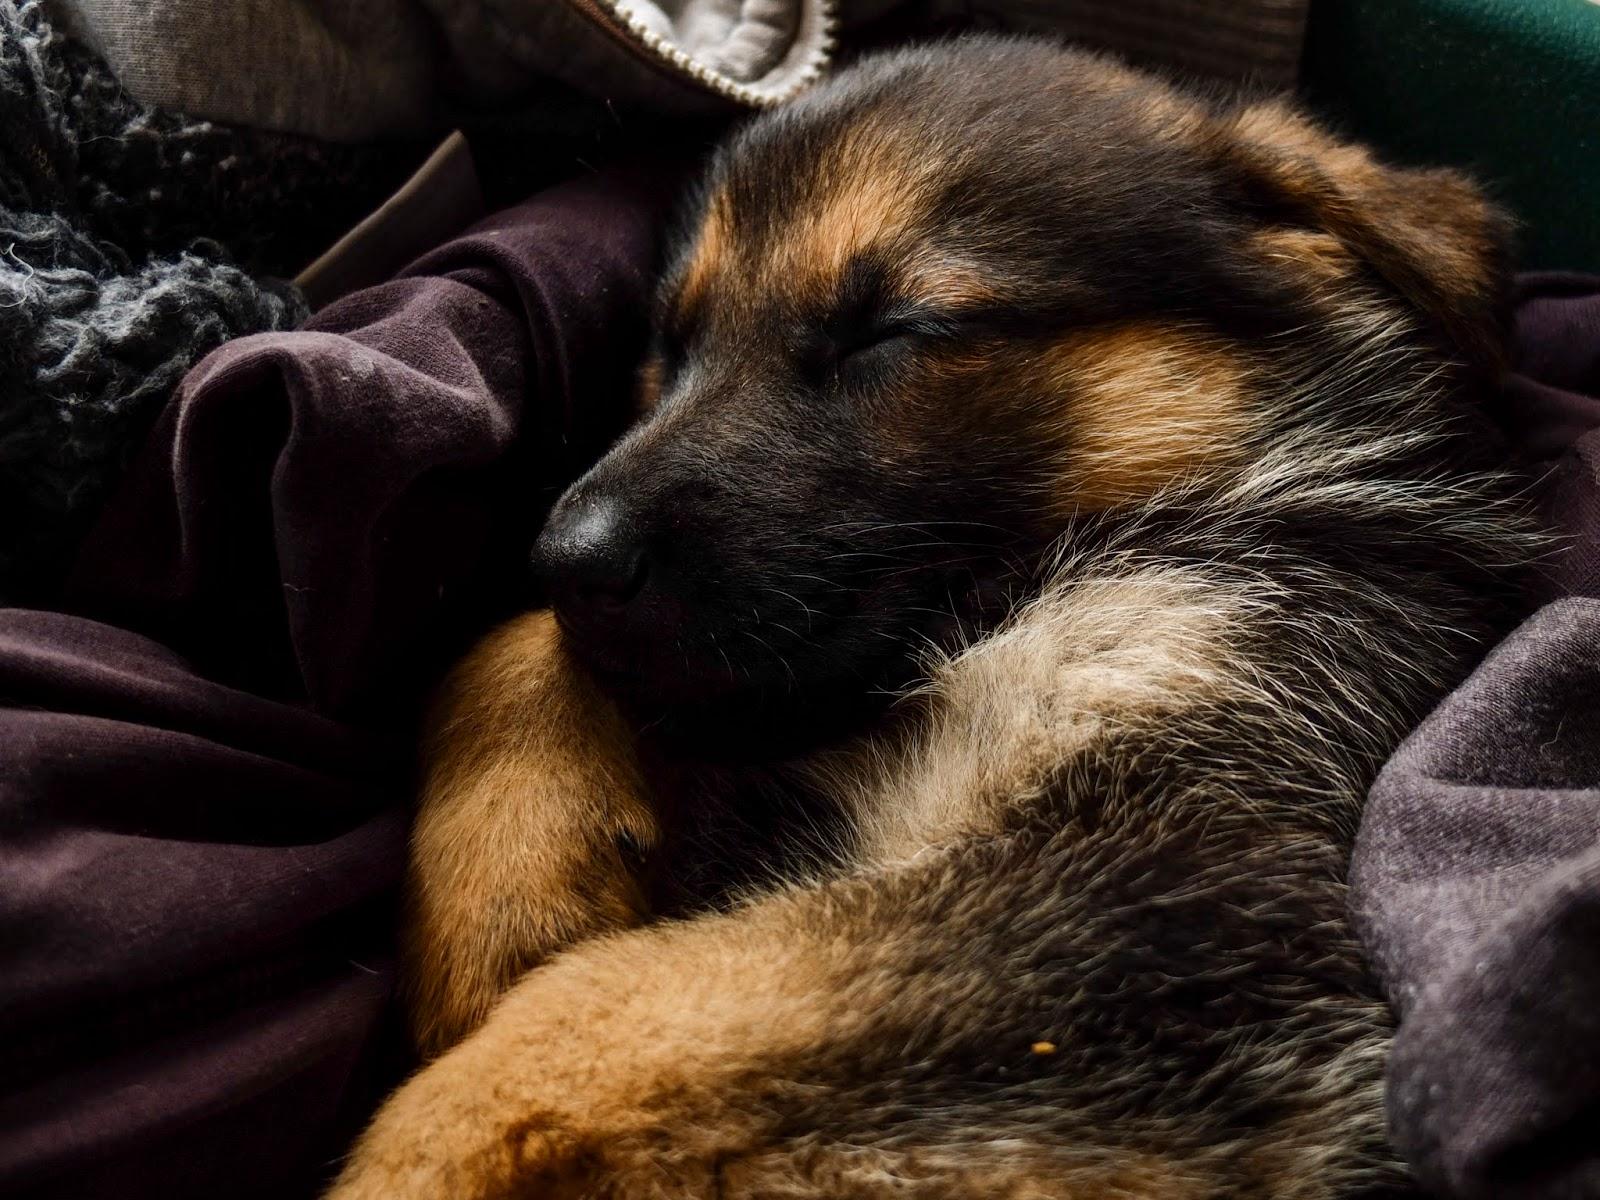 A sleeping German Shepherd 6 week old puppy.